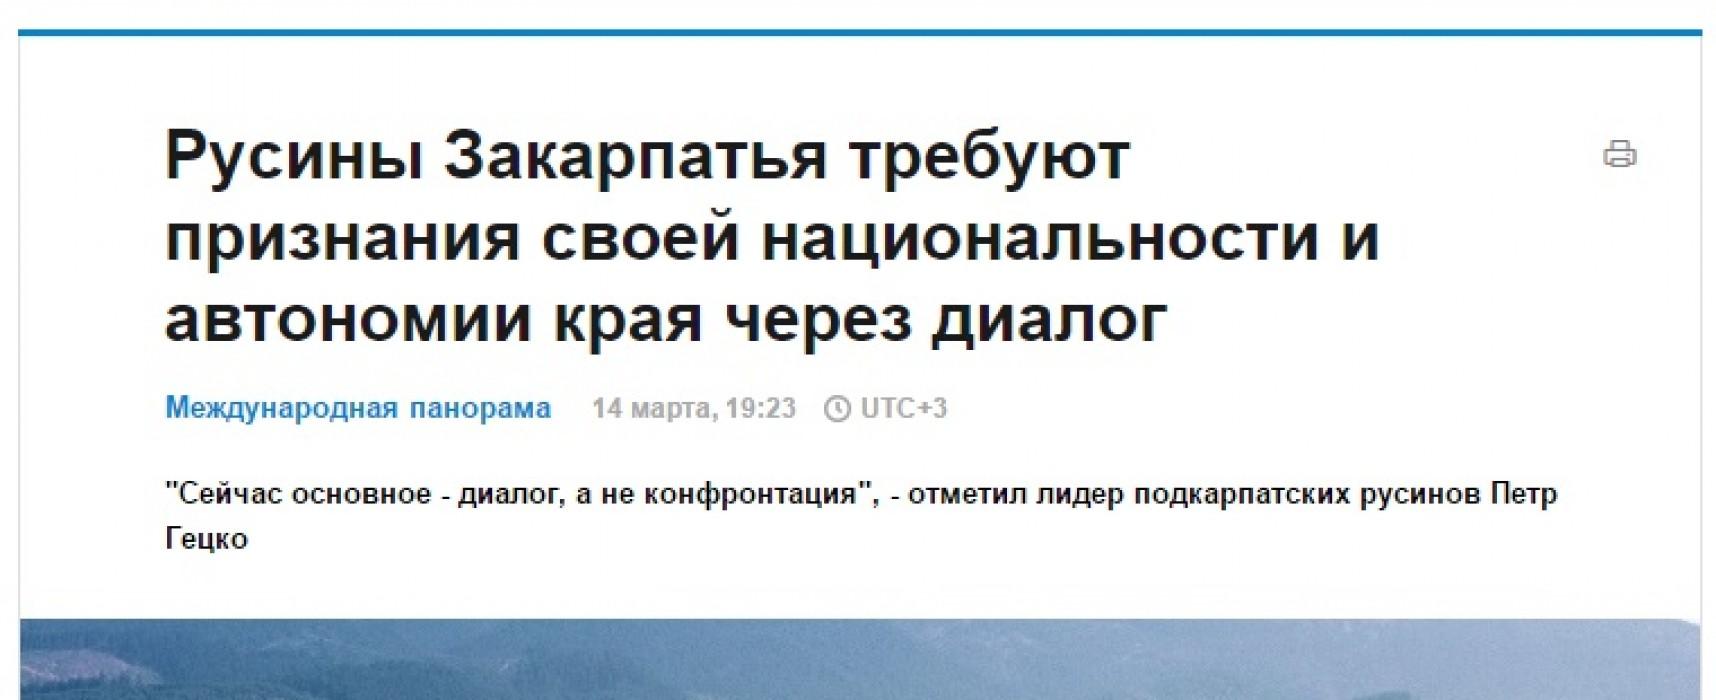 Falso: Los rusinos de Zakarpattya demandan la autonomía de la región